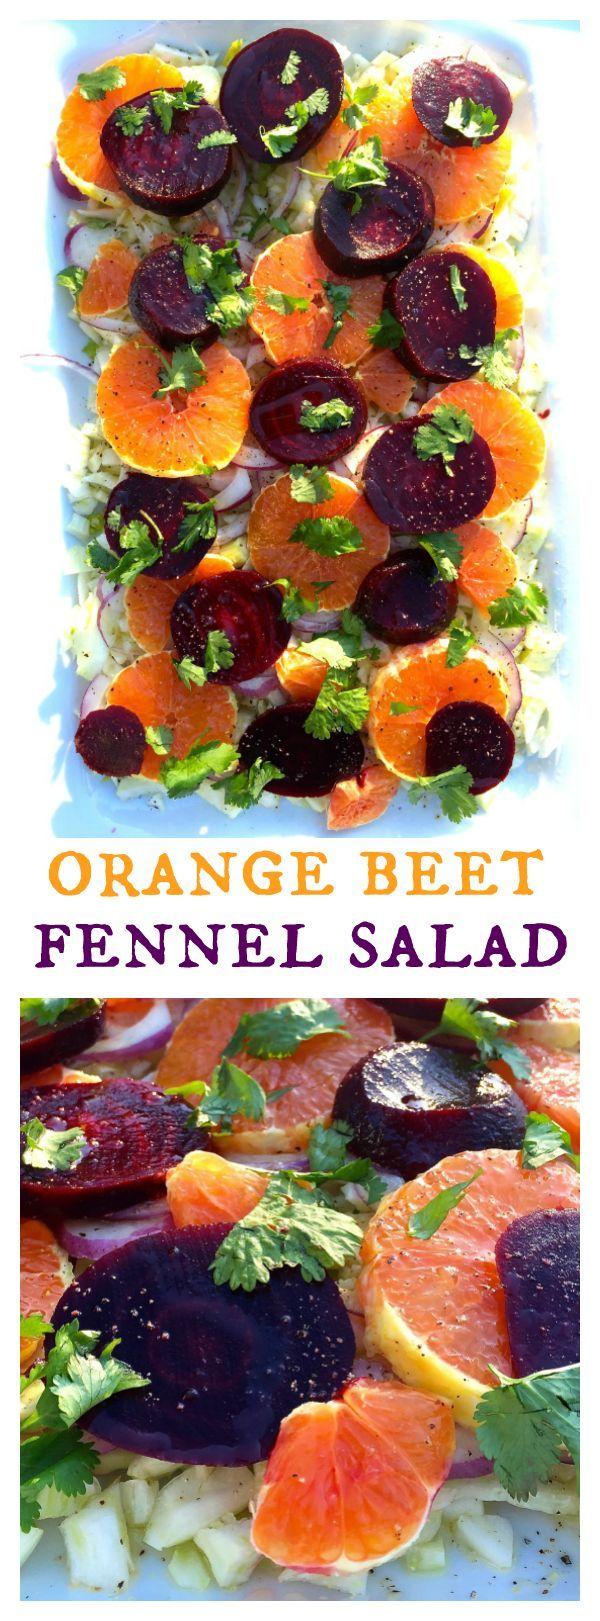 Orange Beet Fennel Salad